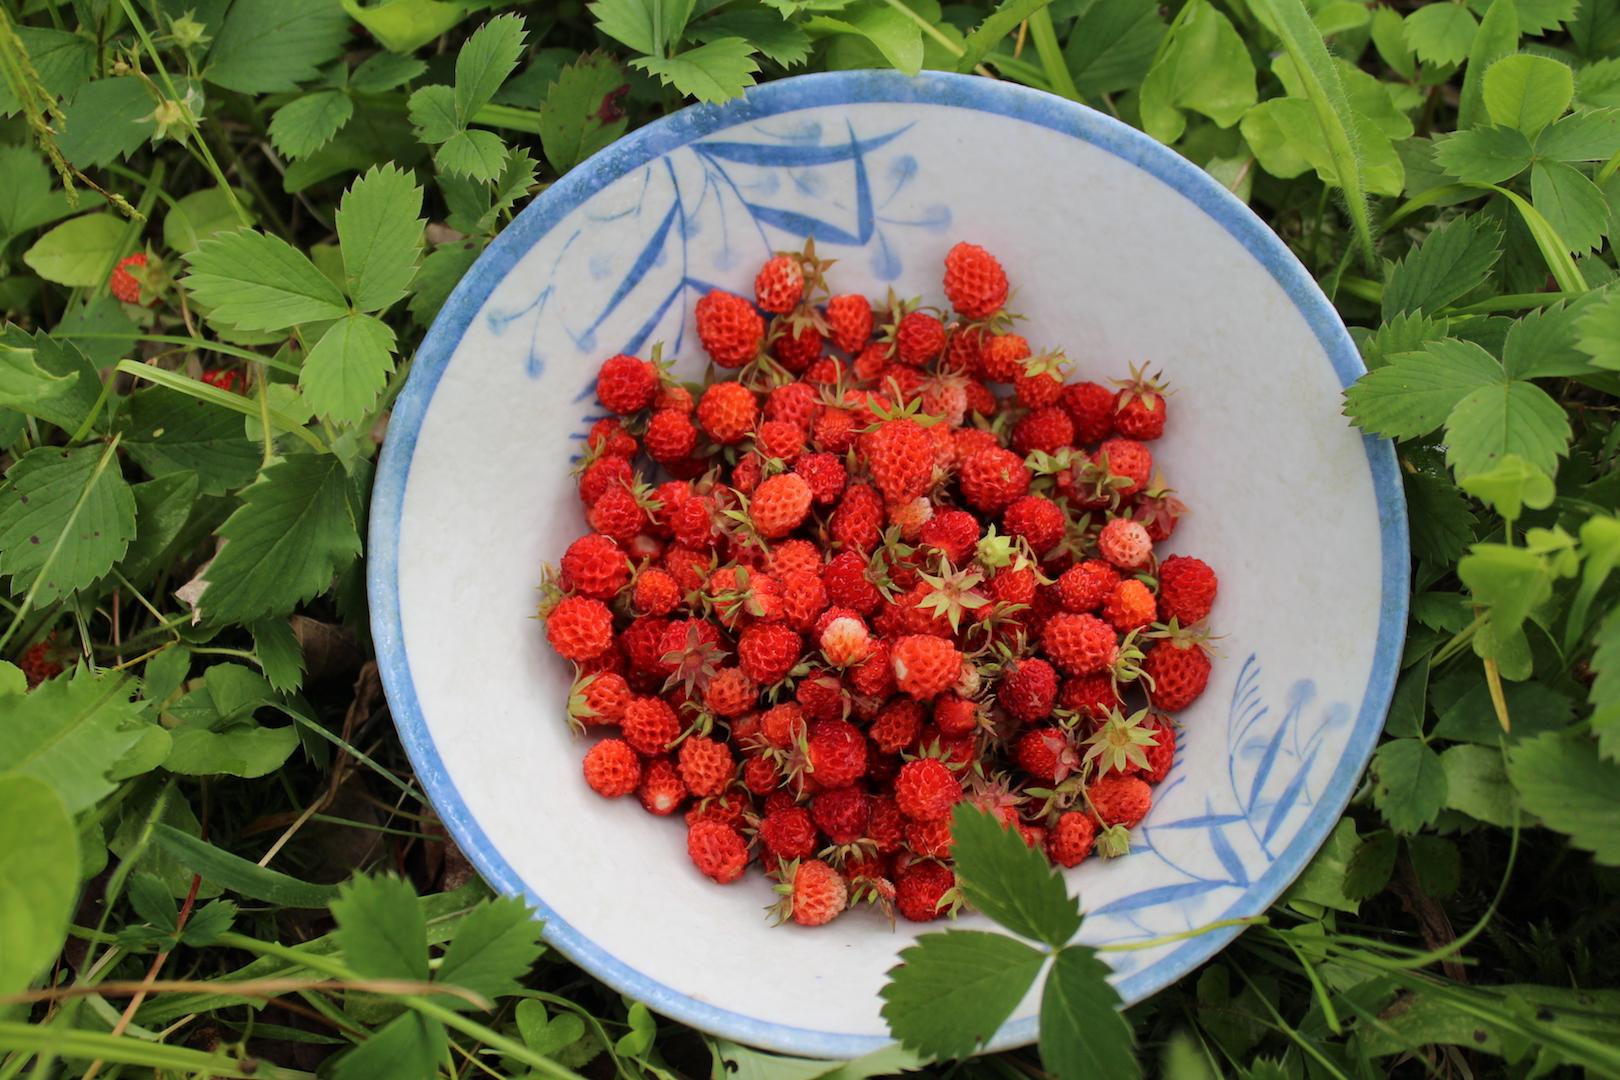 Wild foraged alpine strawberries